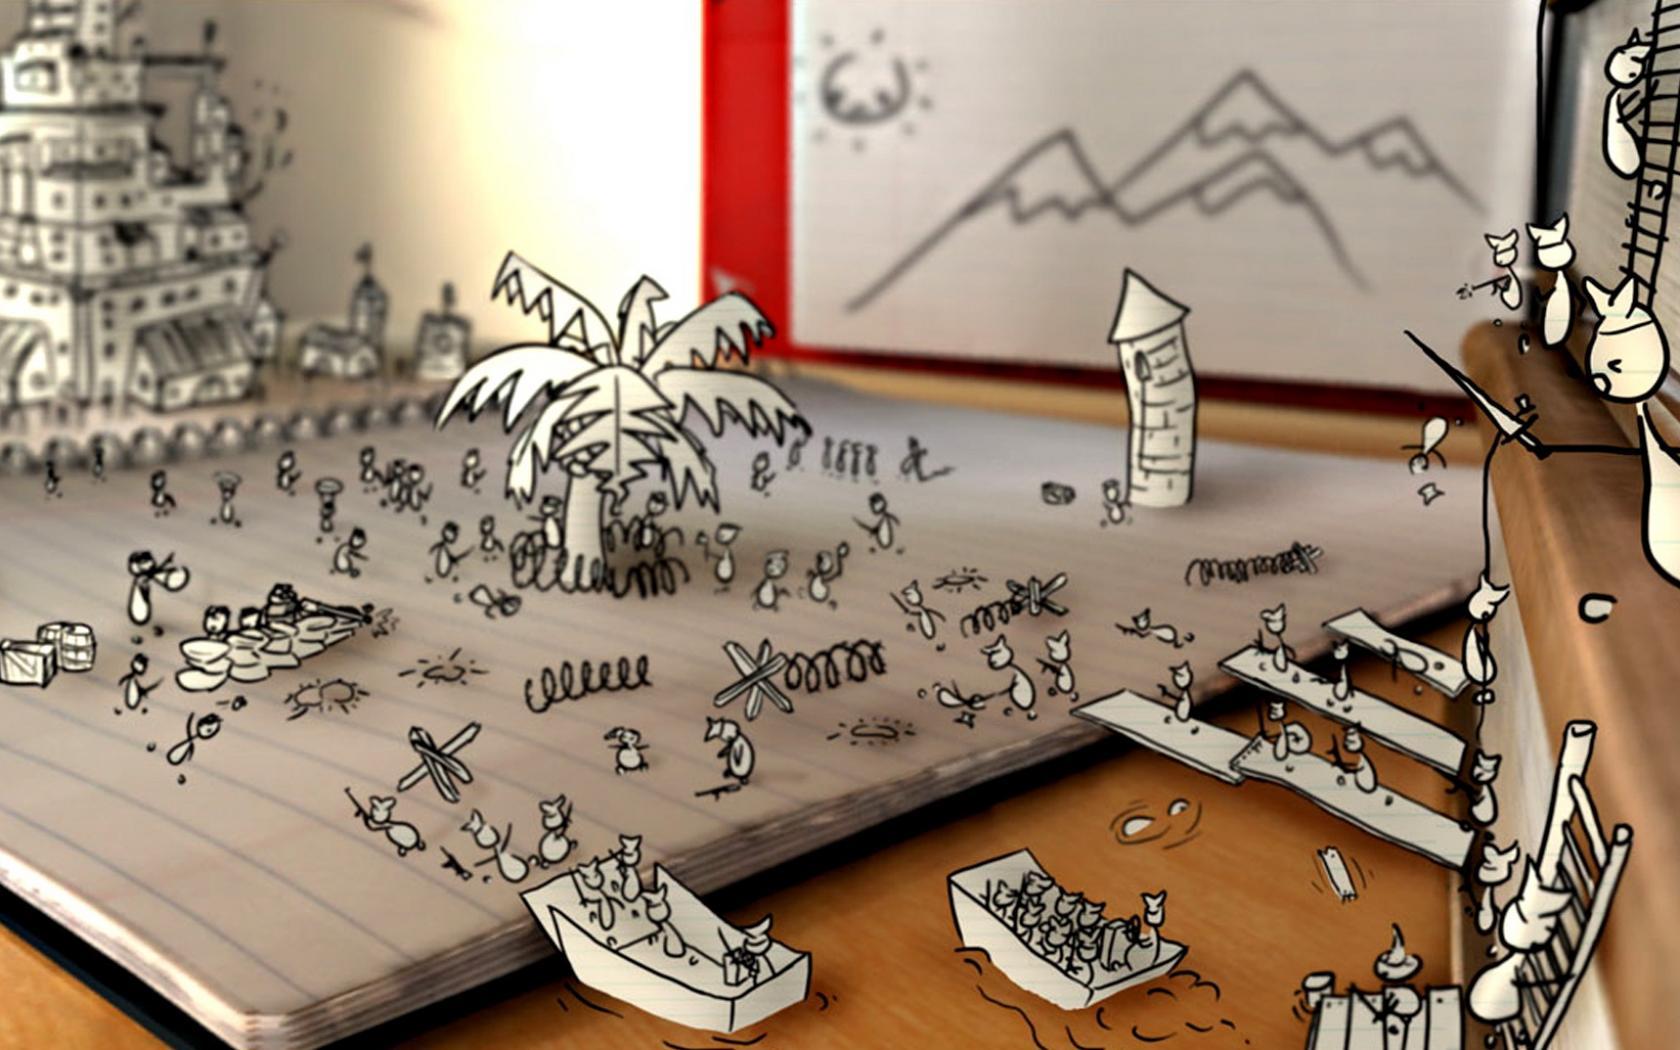 мультяшные картинки для рабочего стола: